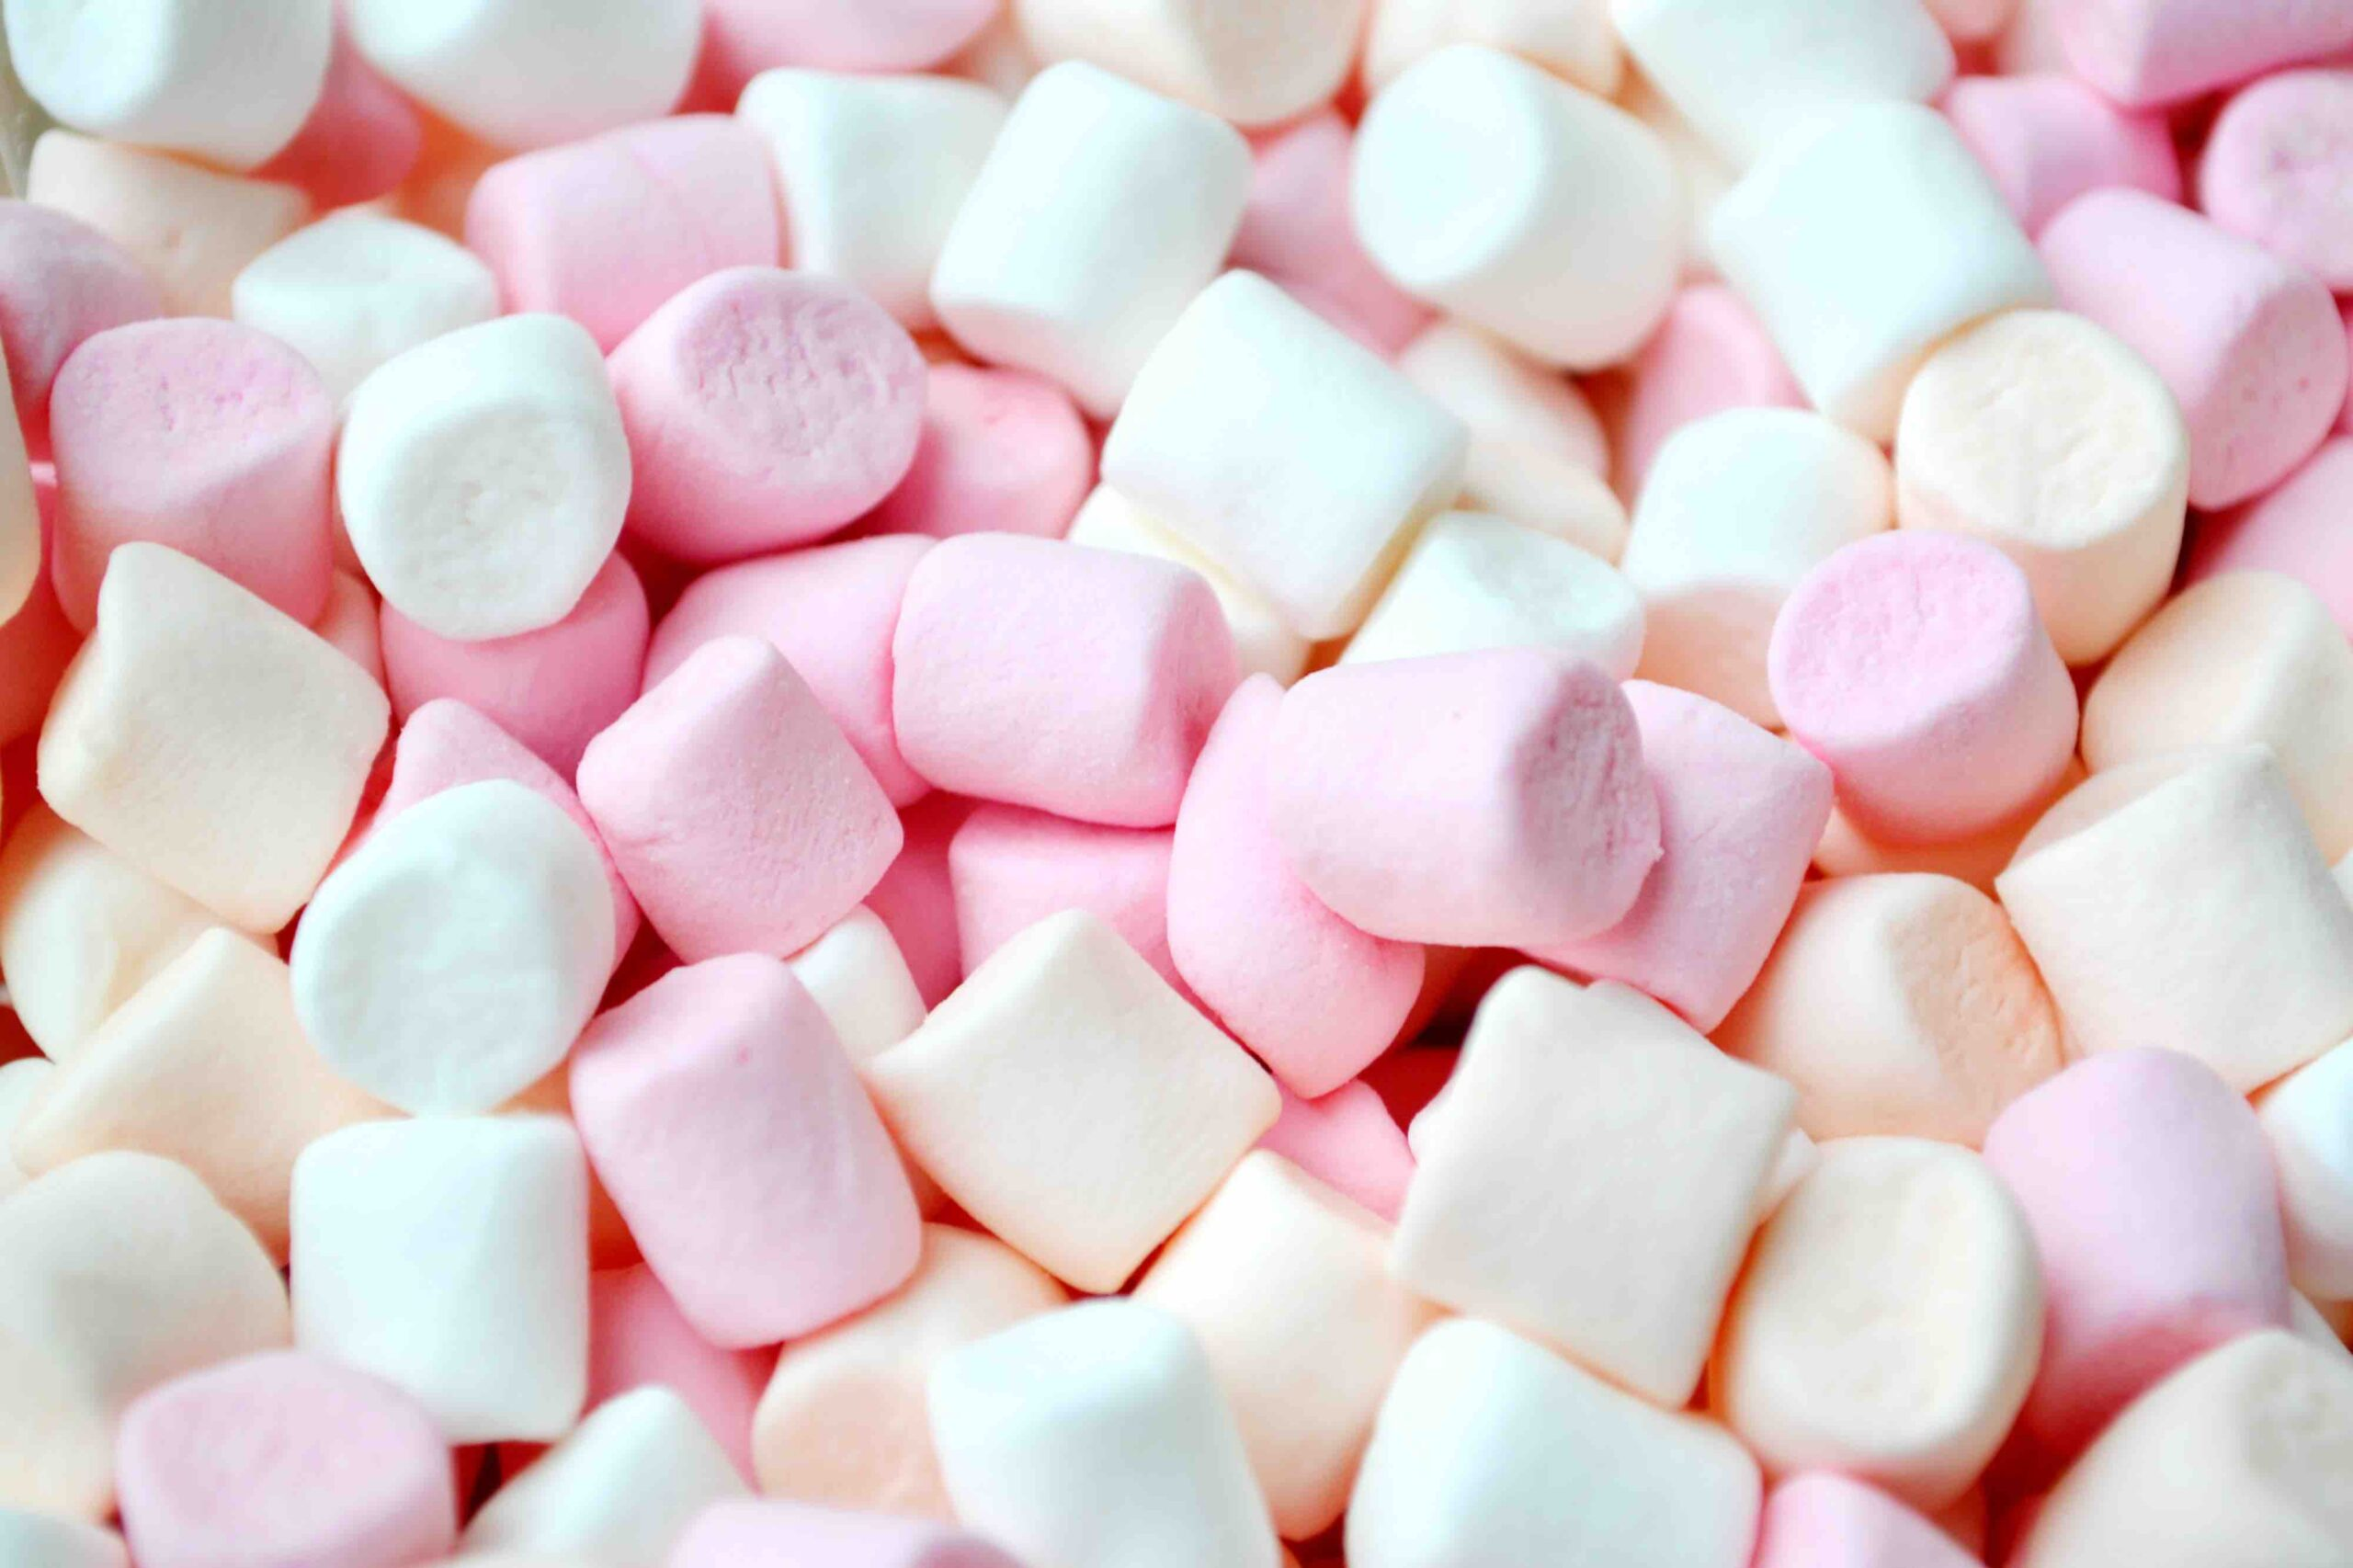 Inzicht in het groepsproces door middel van de marshmallow challenge